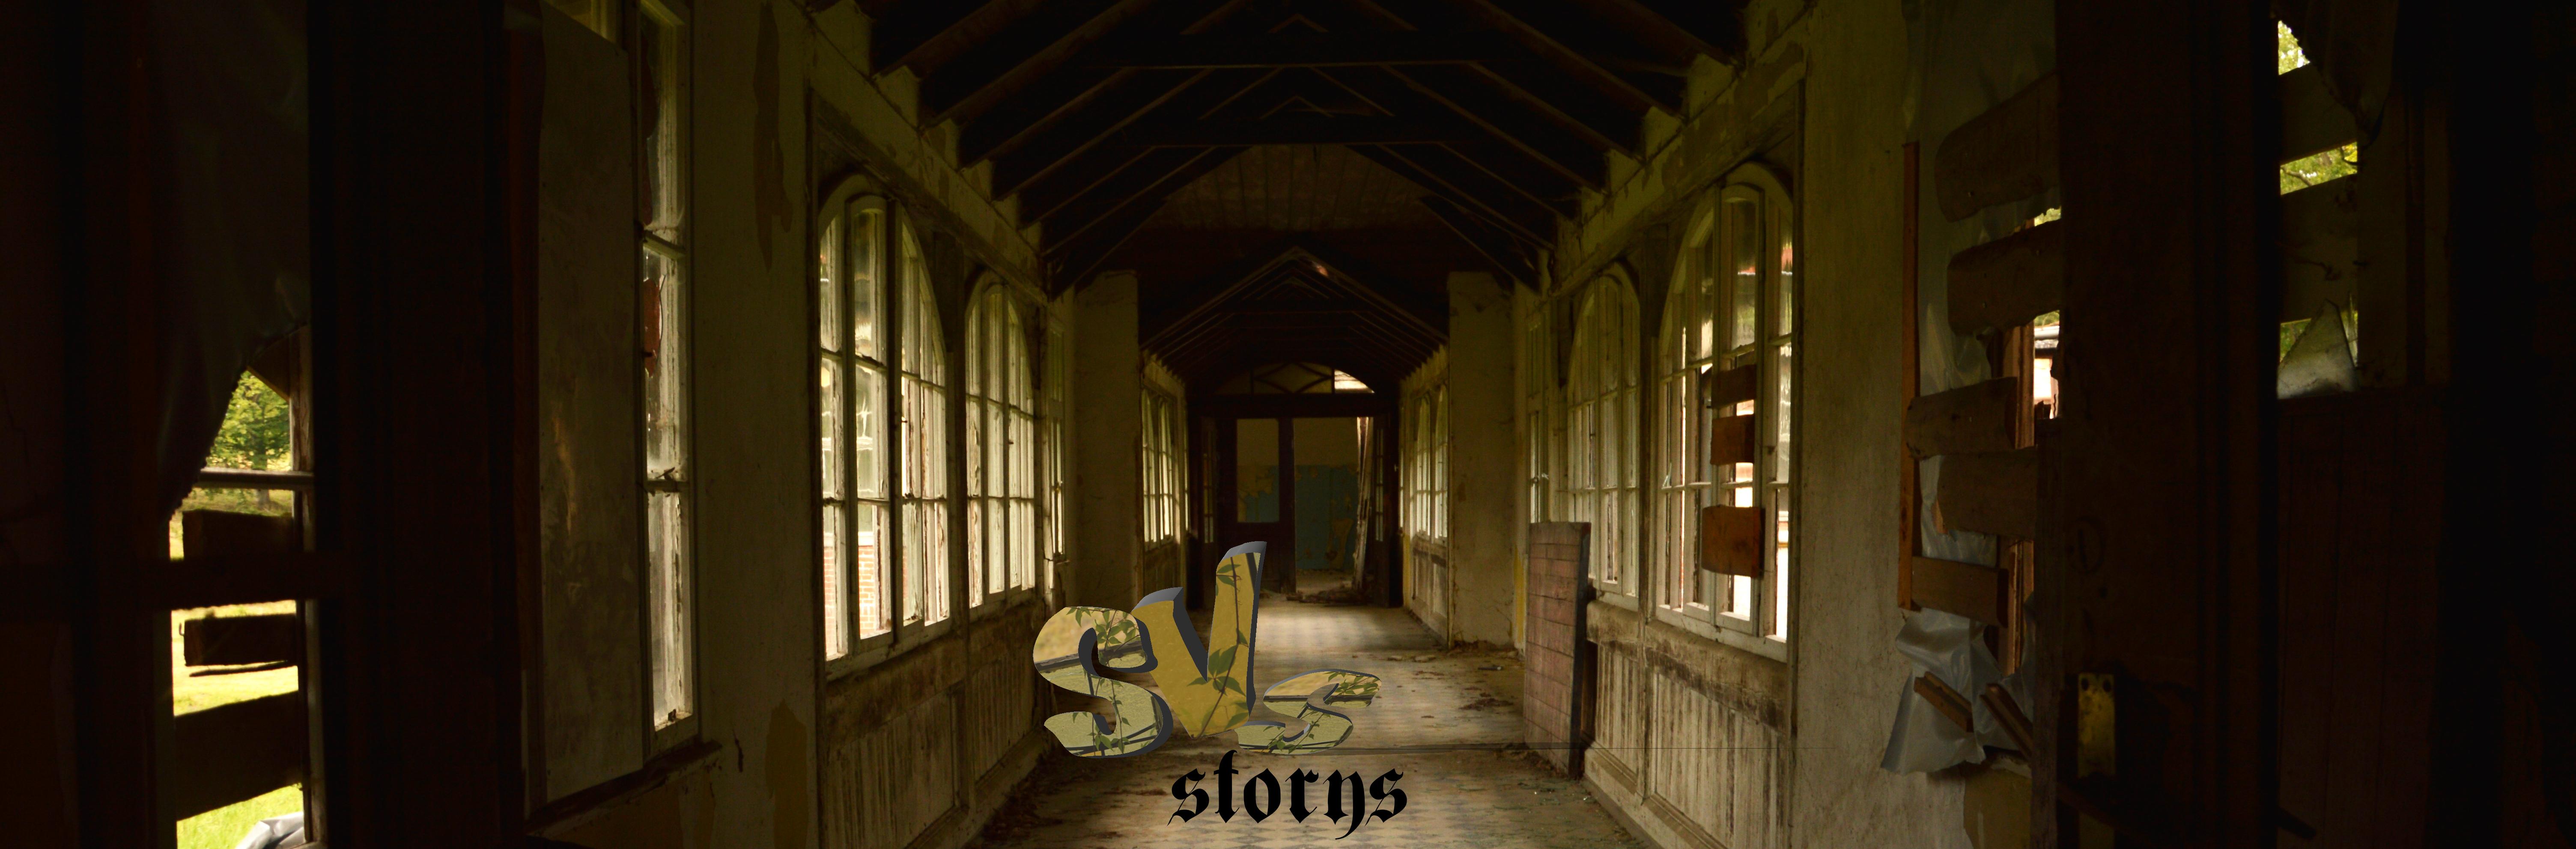 svs-storys